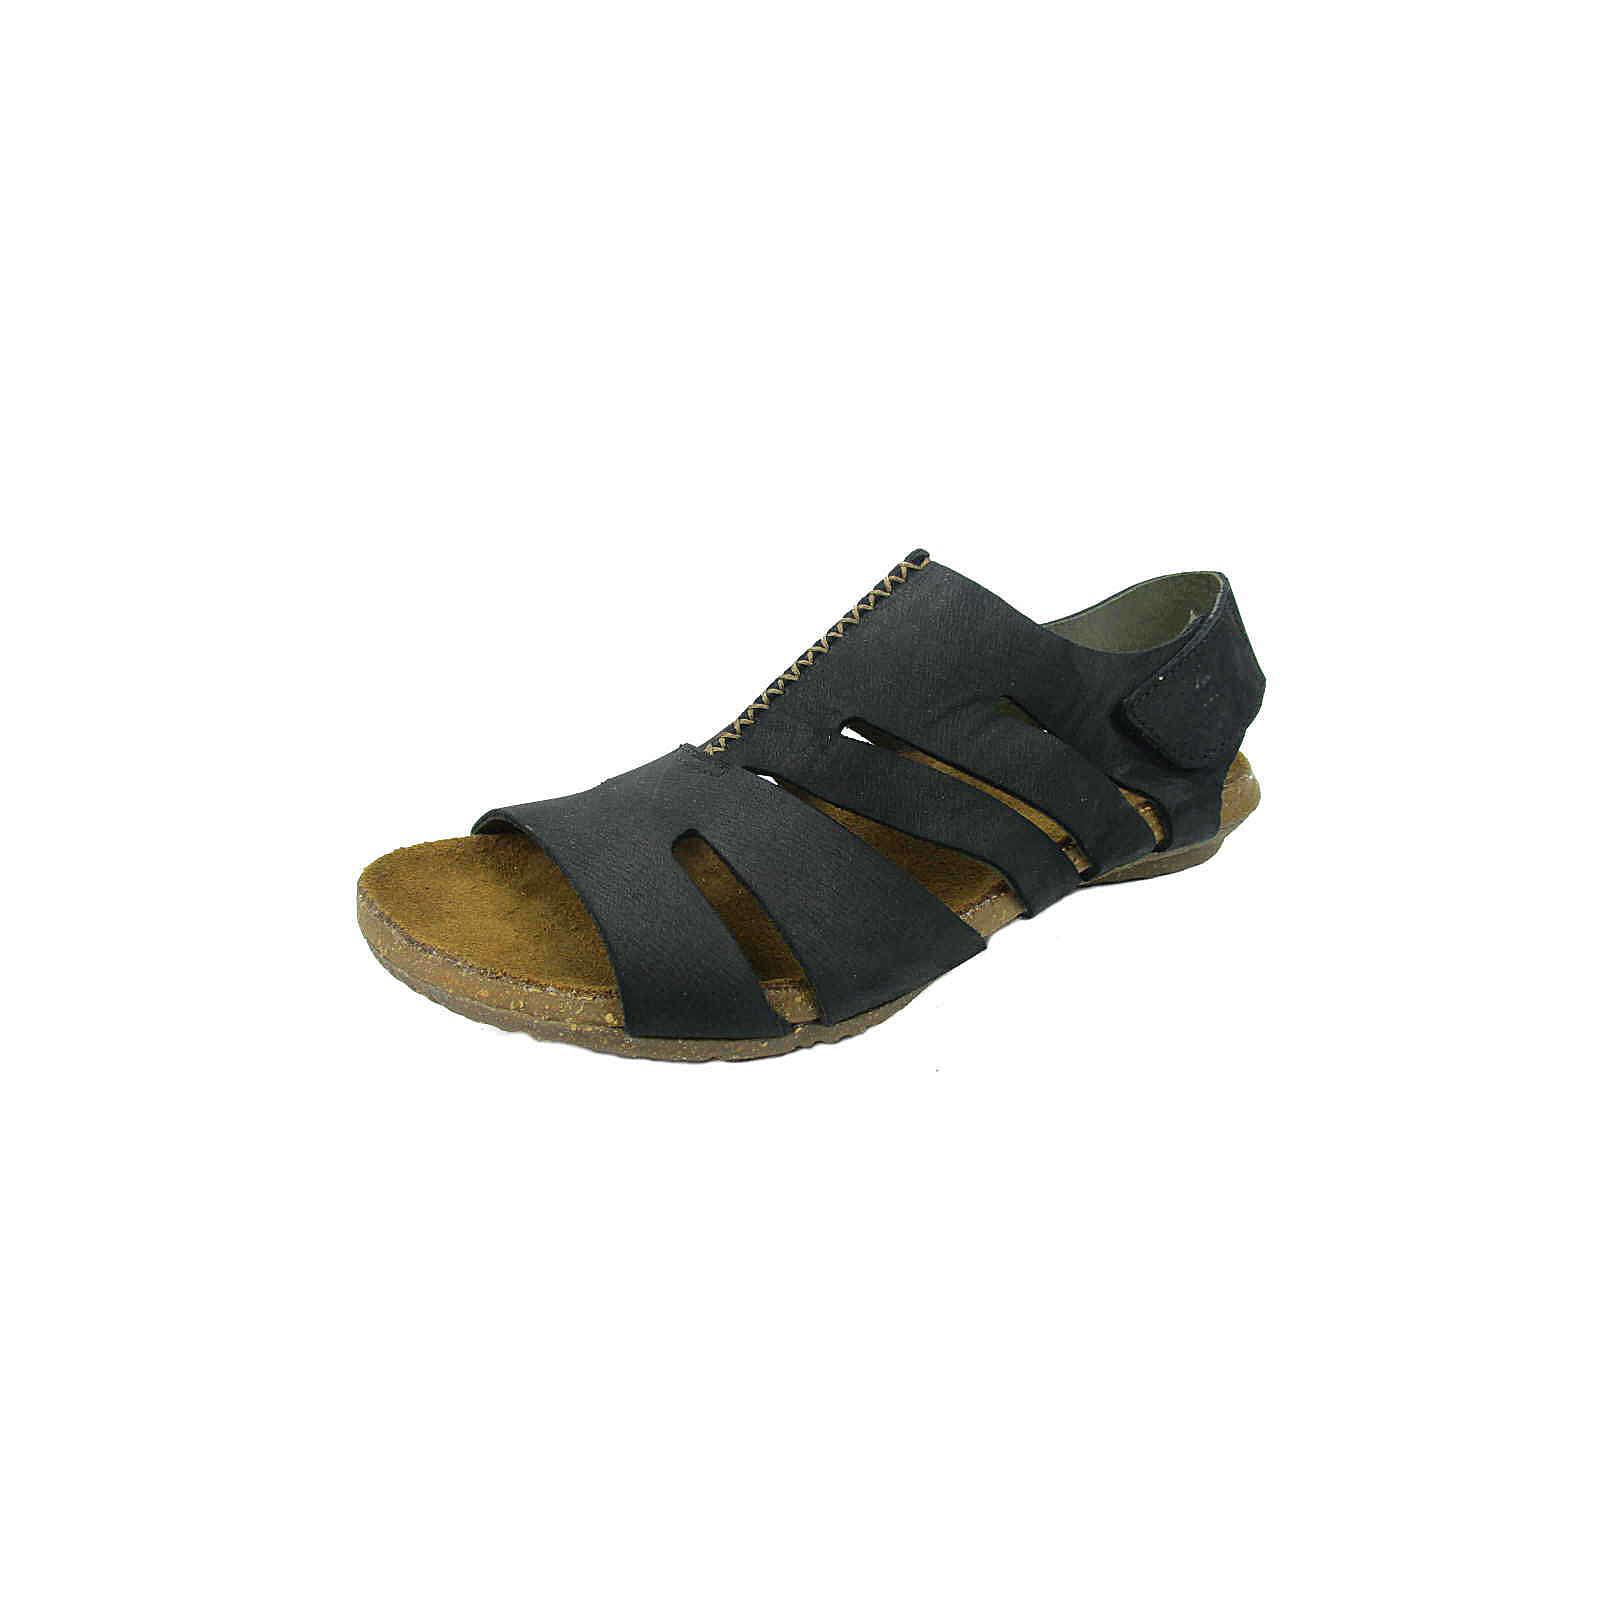 EL NATURALISTA Klassische Sandaletten schwarz Damen Gr. 40